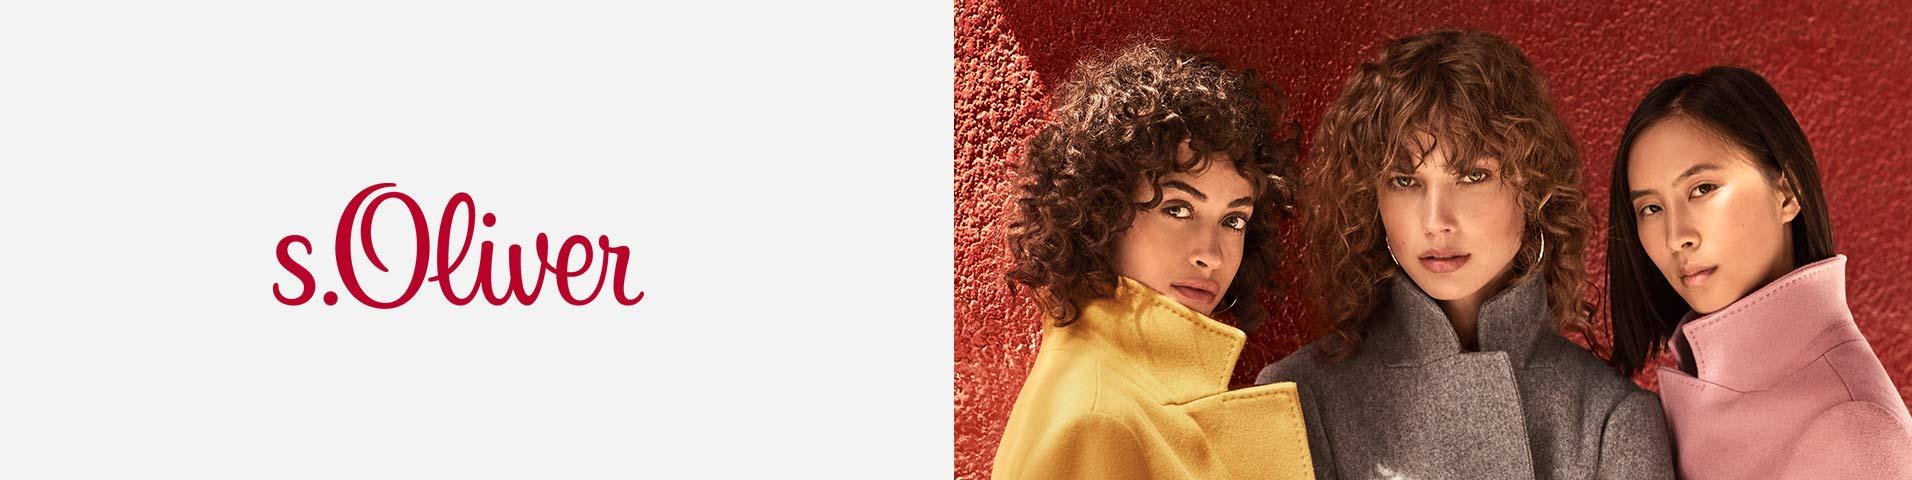 sale retailer 71f5c 0d288 S.Oliver Stiefeletten | Das Allroundtalent der Fashionwelt ...